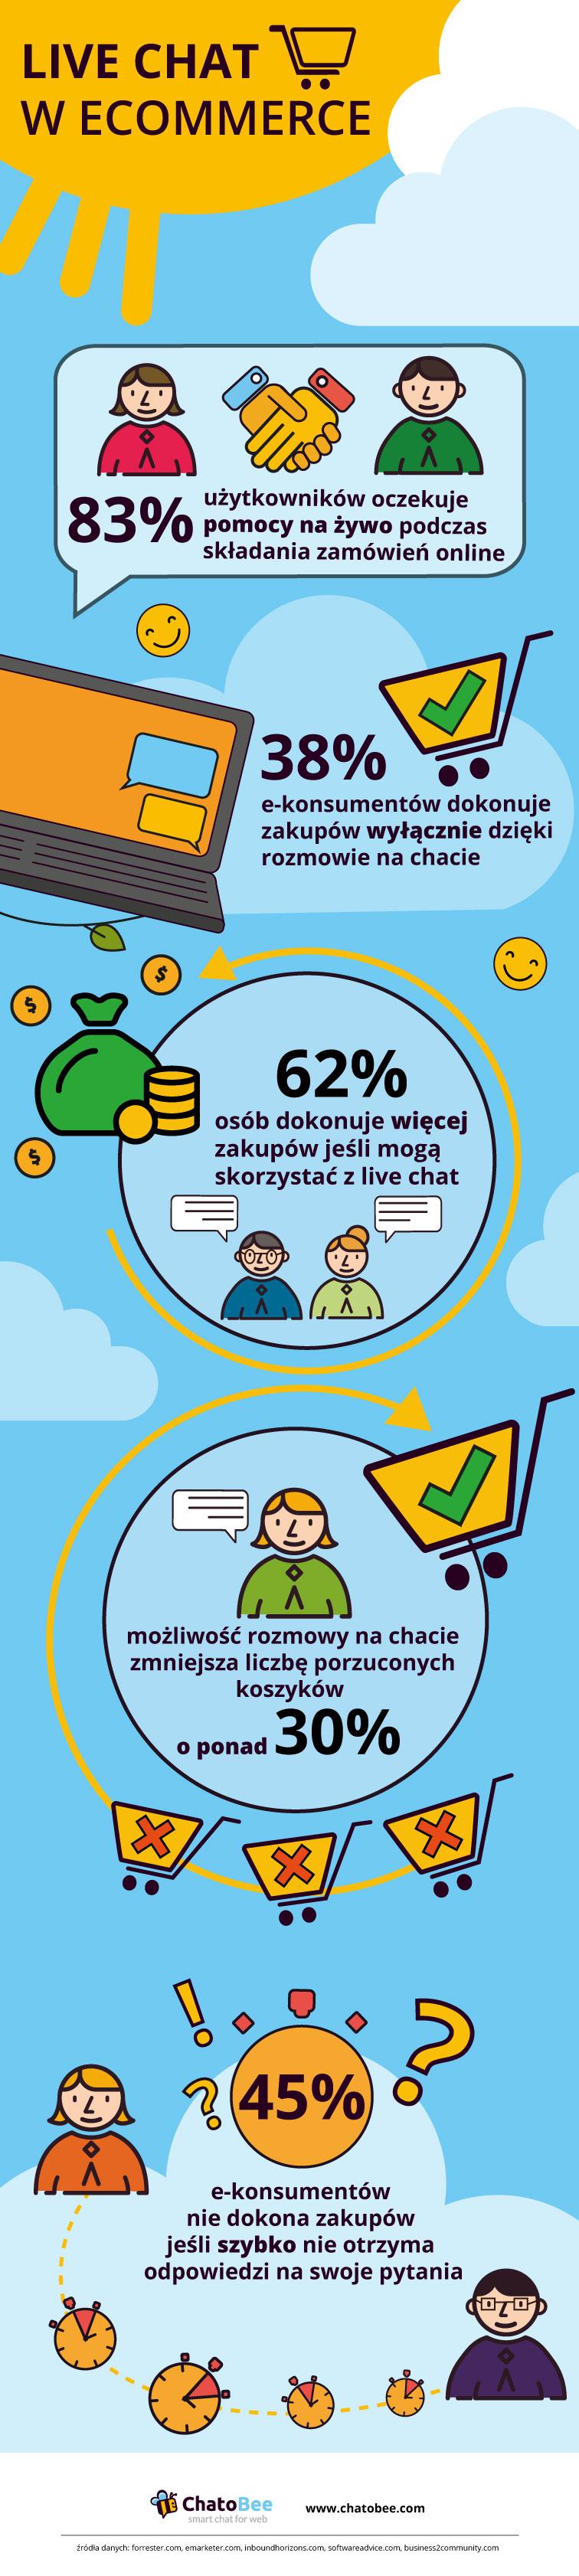 live_chat_ecommerce